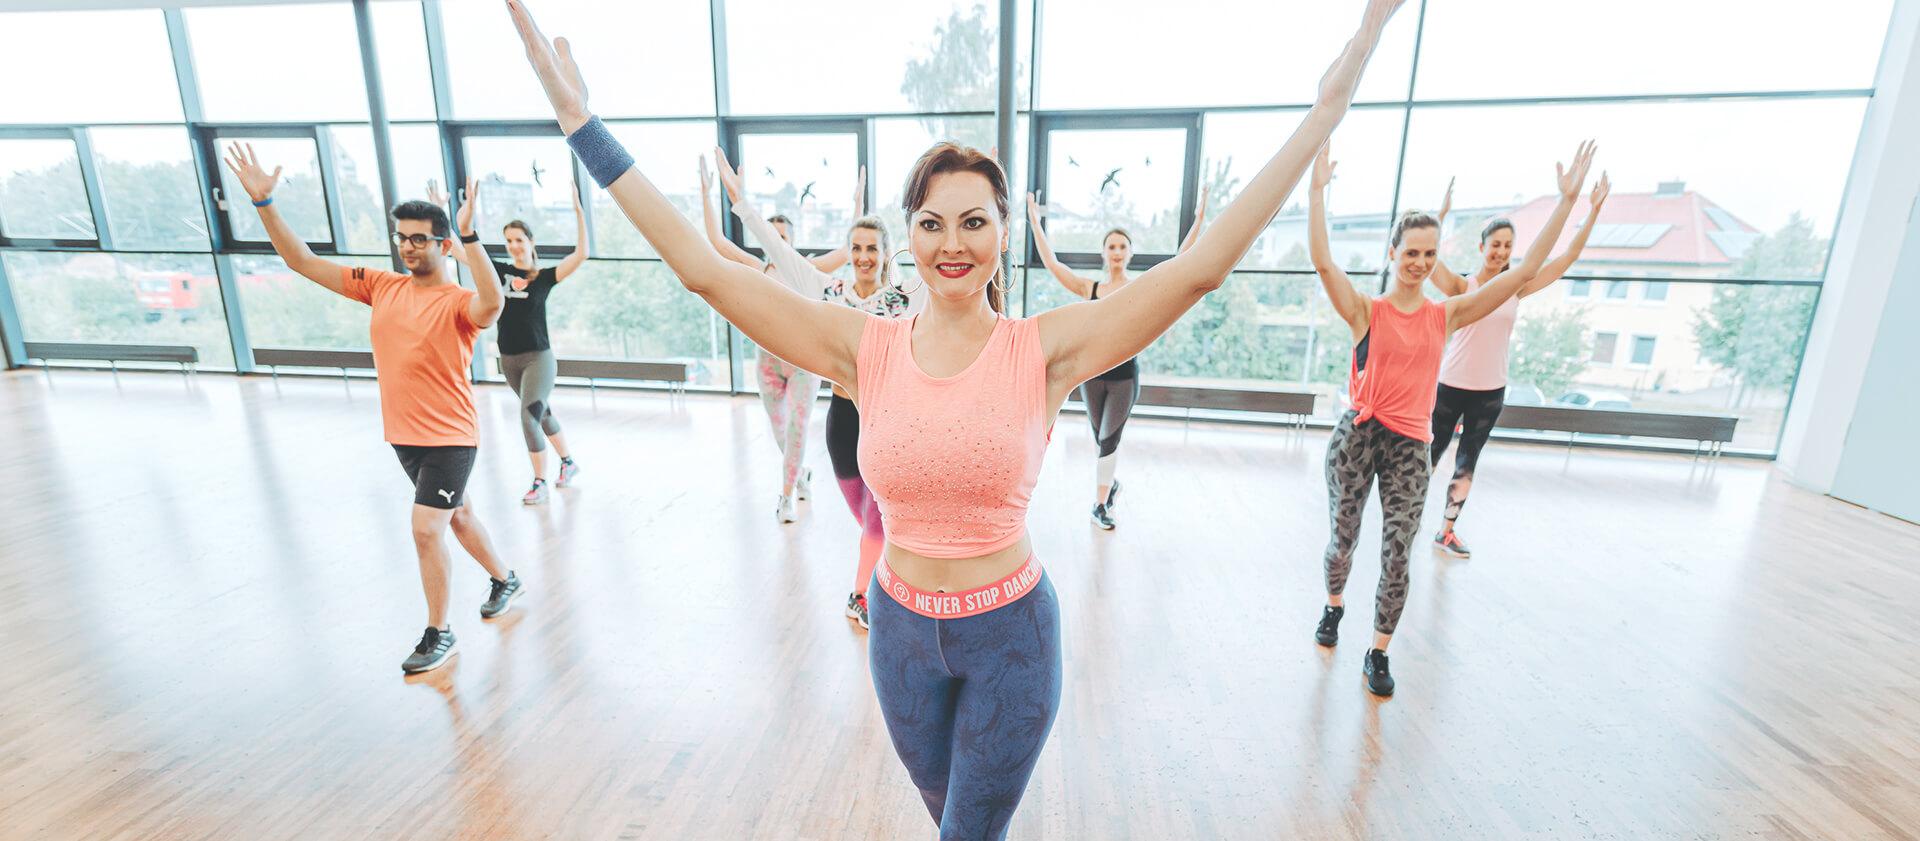 Wie viel kann ich abnehmen, wenn ich Zumba-Videos tanze?